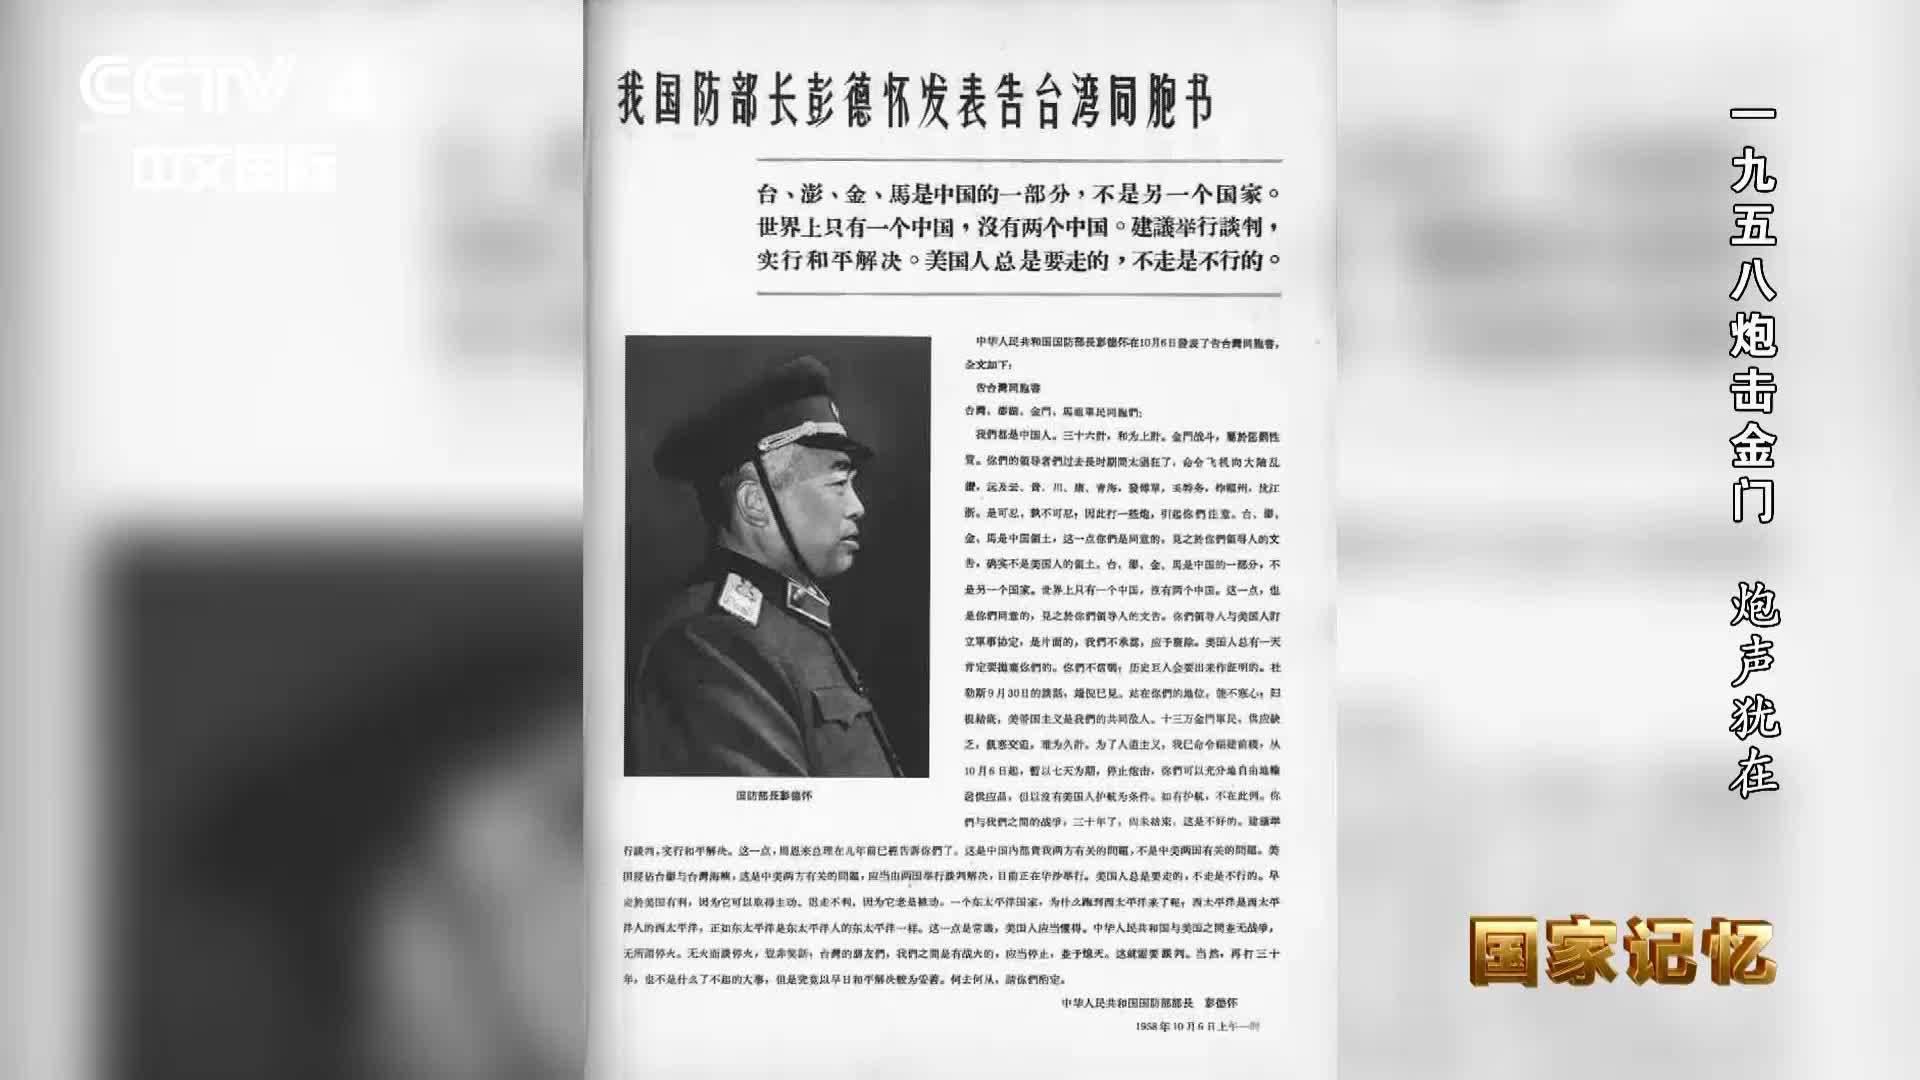 《告台湾同胞书》正式发表后……